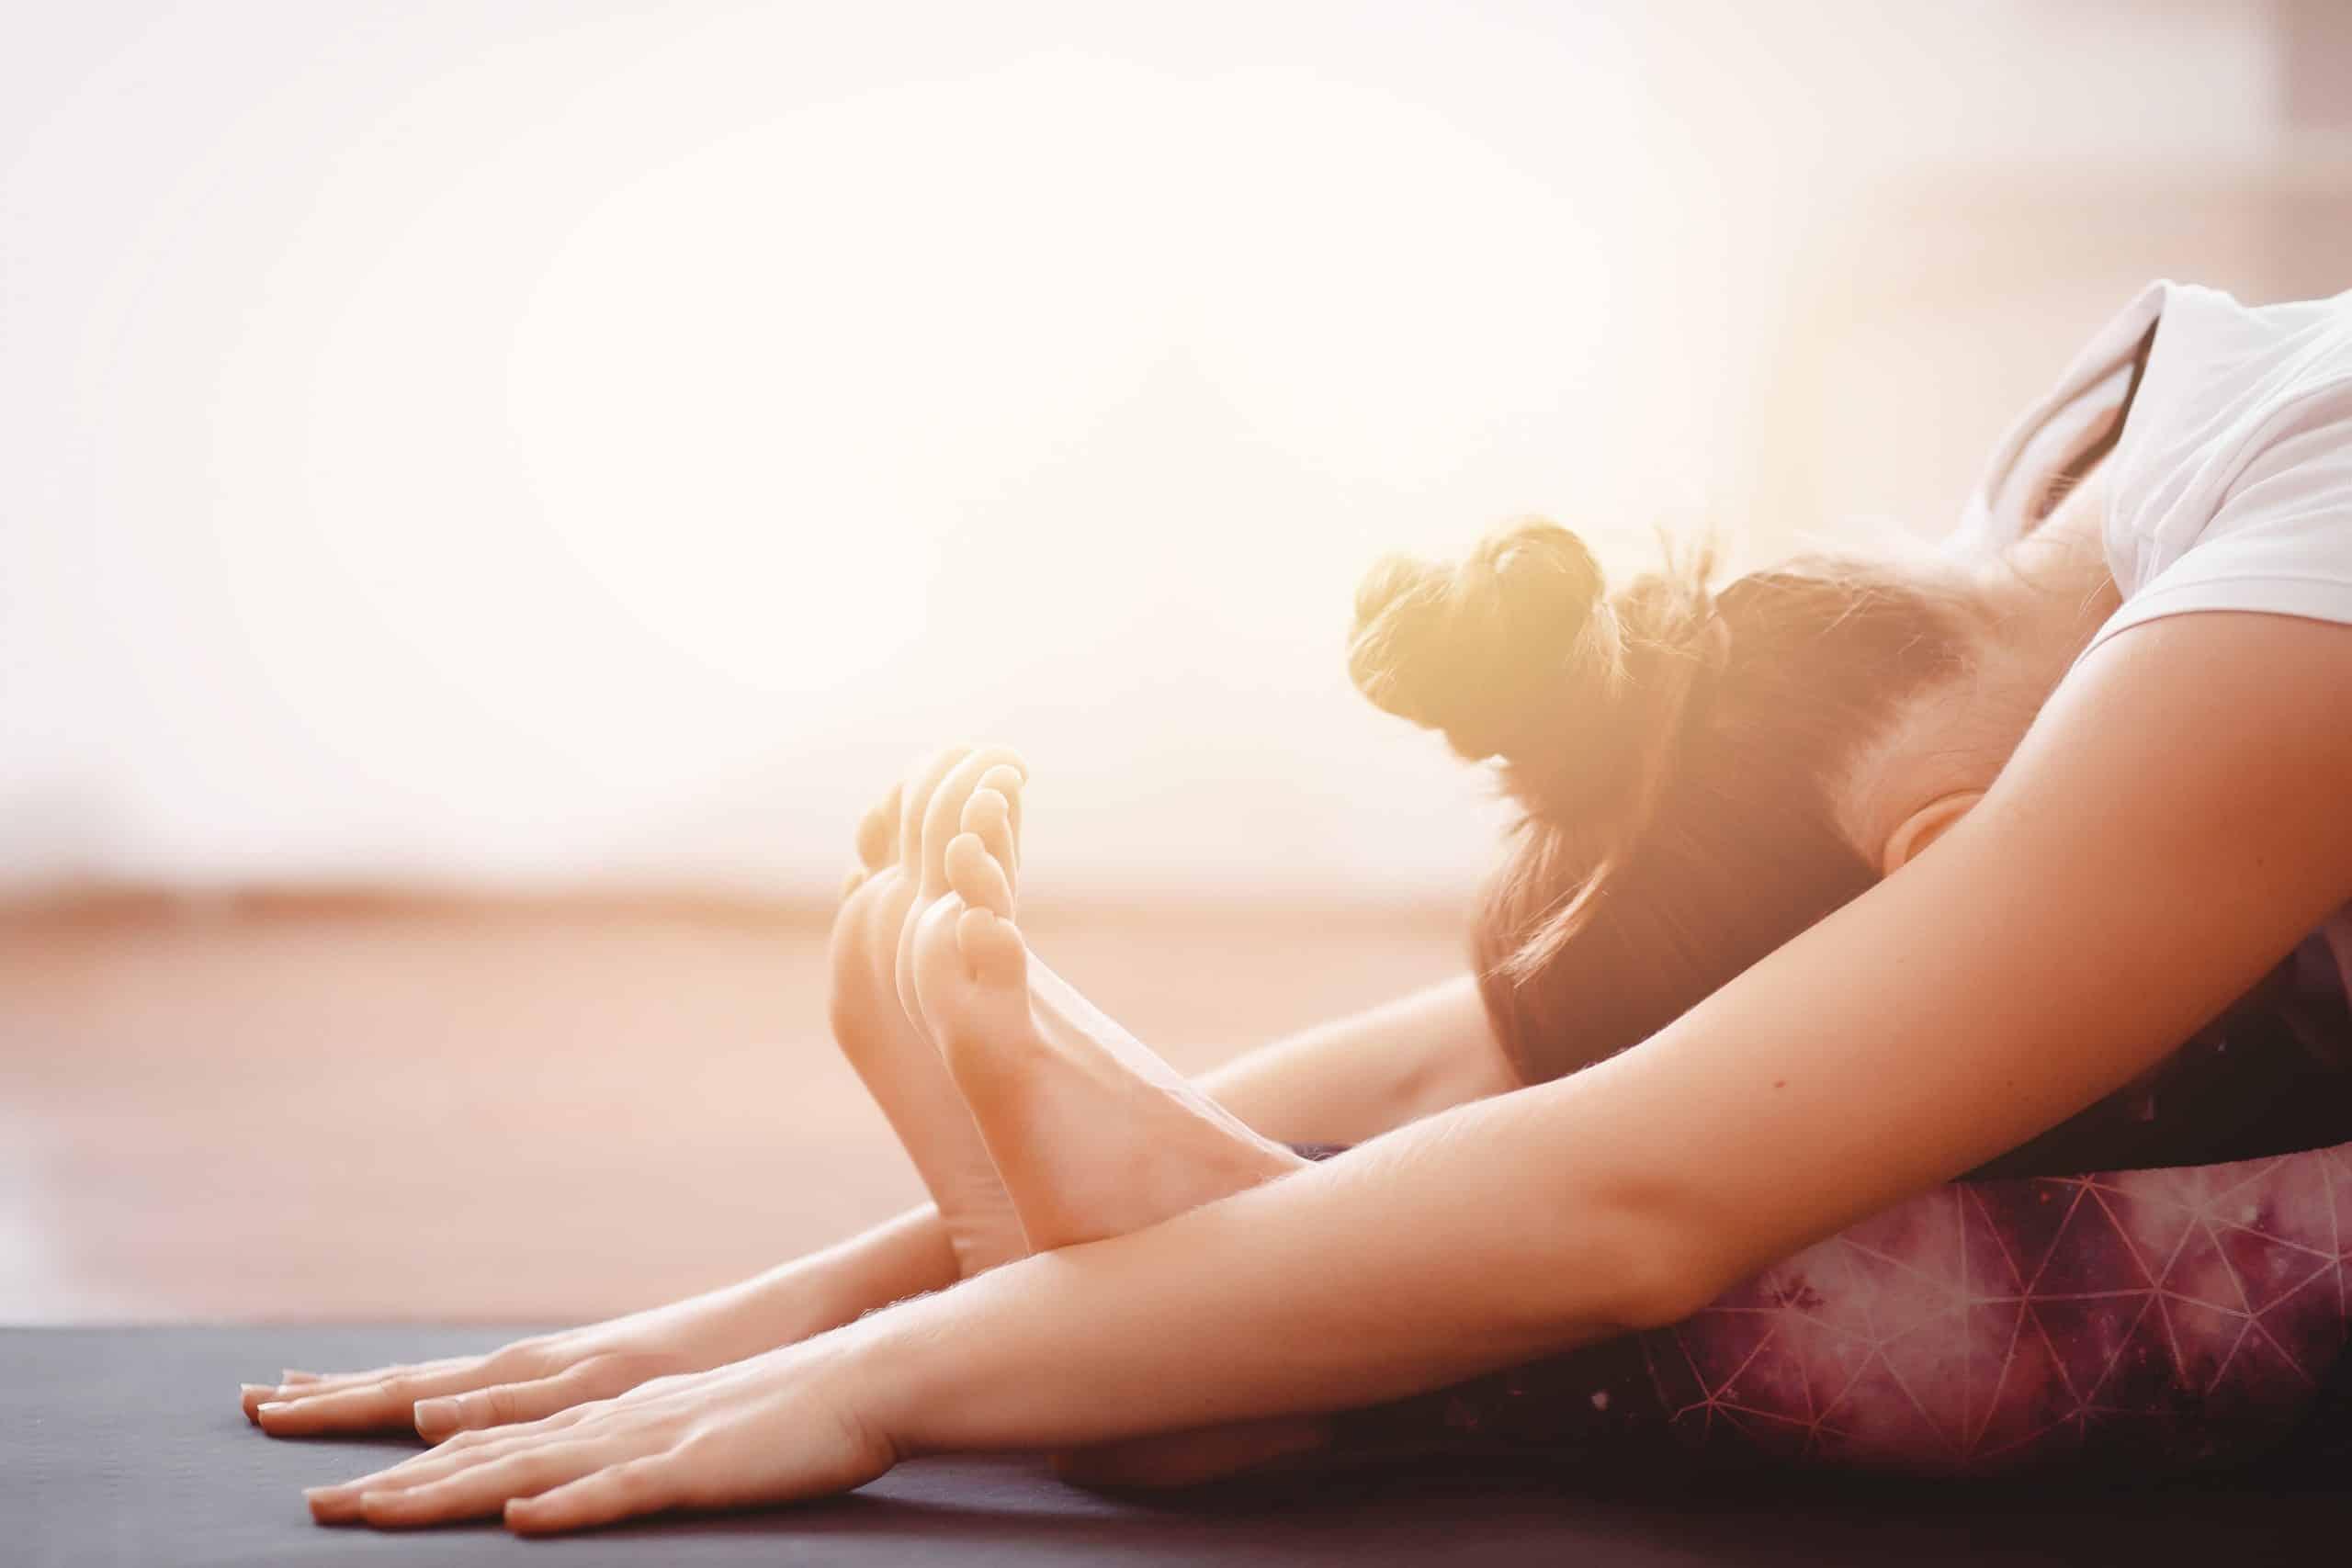 Detailaufnahme Frau auf Yogamatte in entspannter Haltung